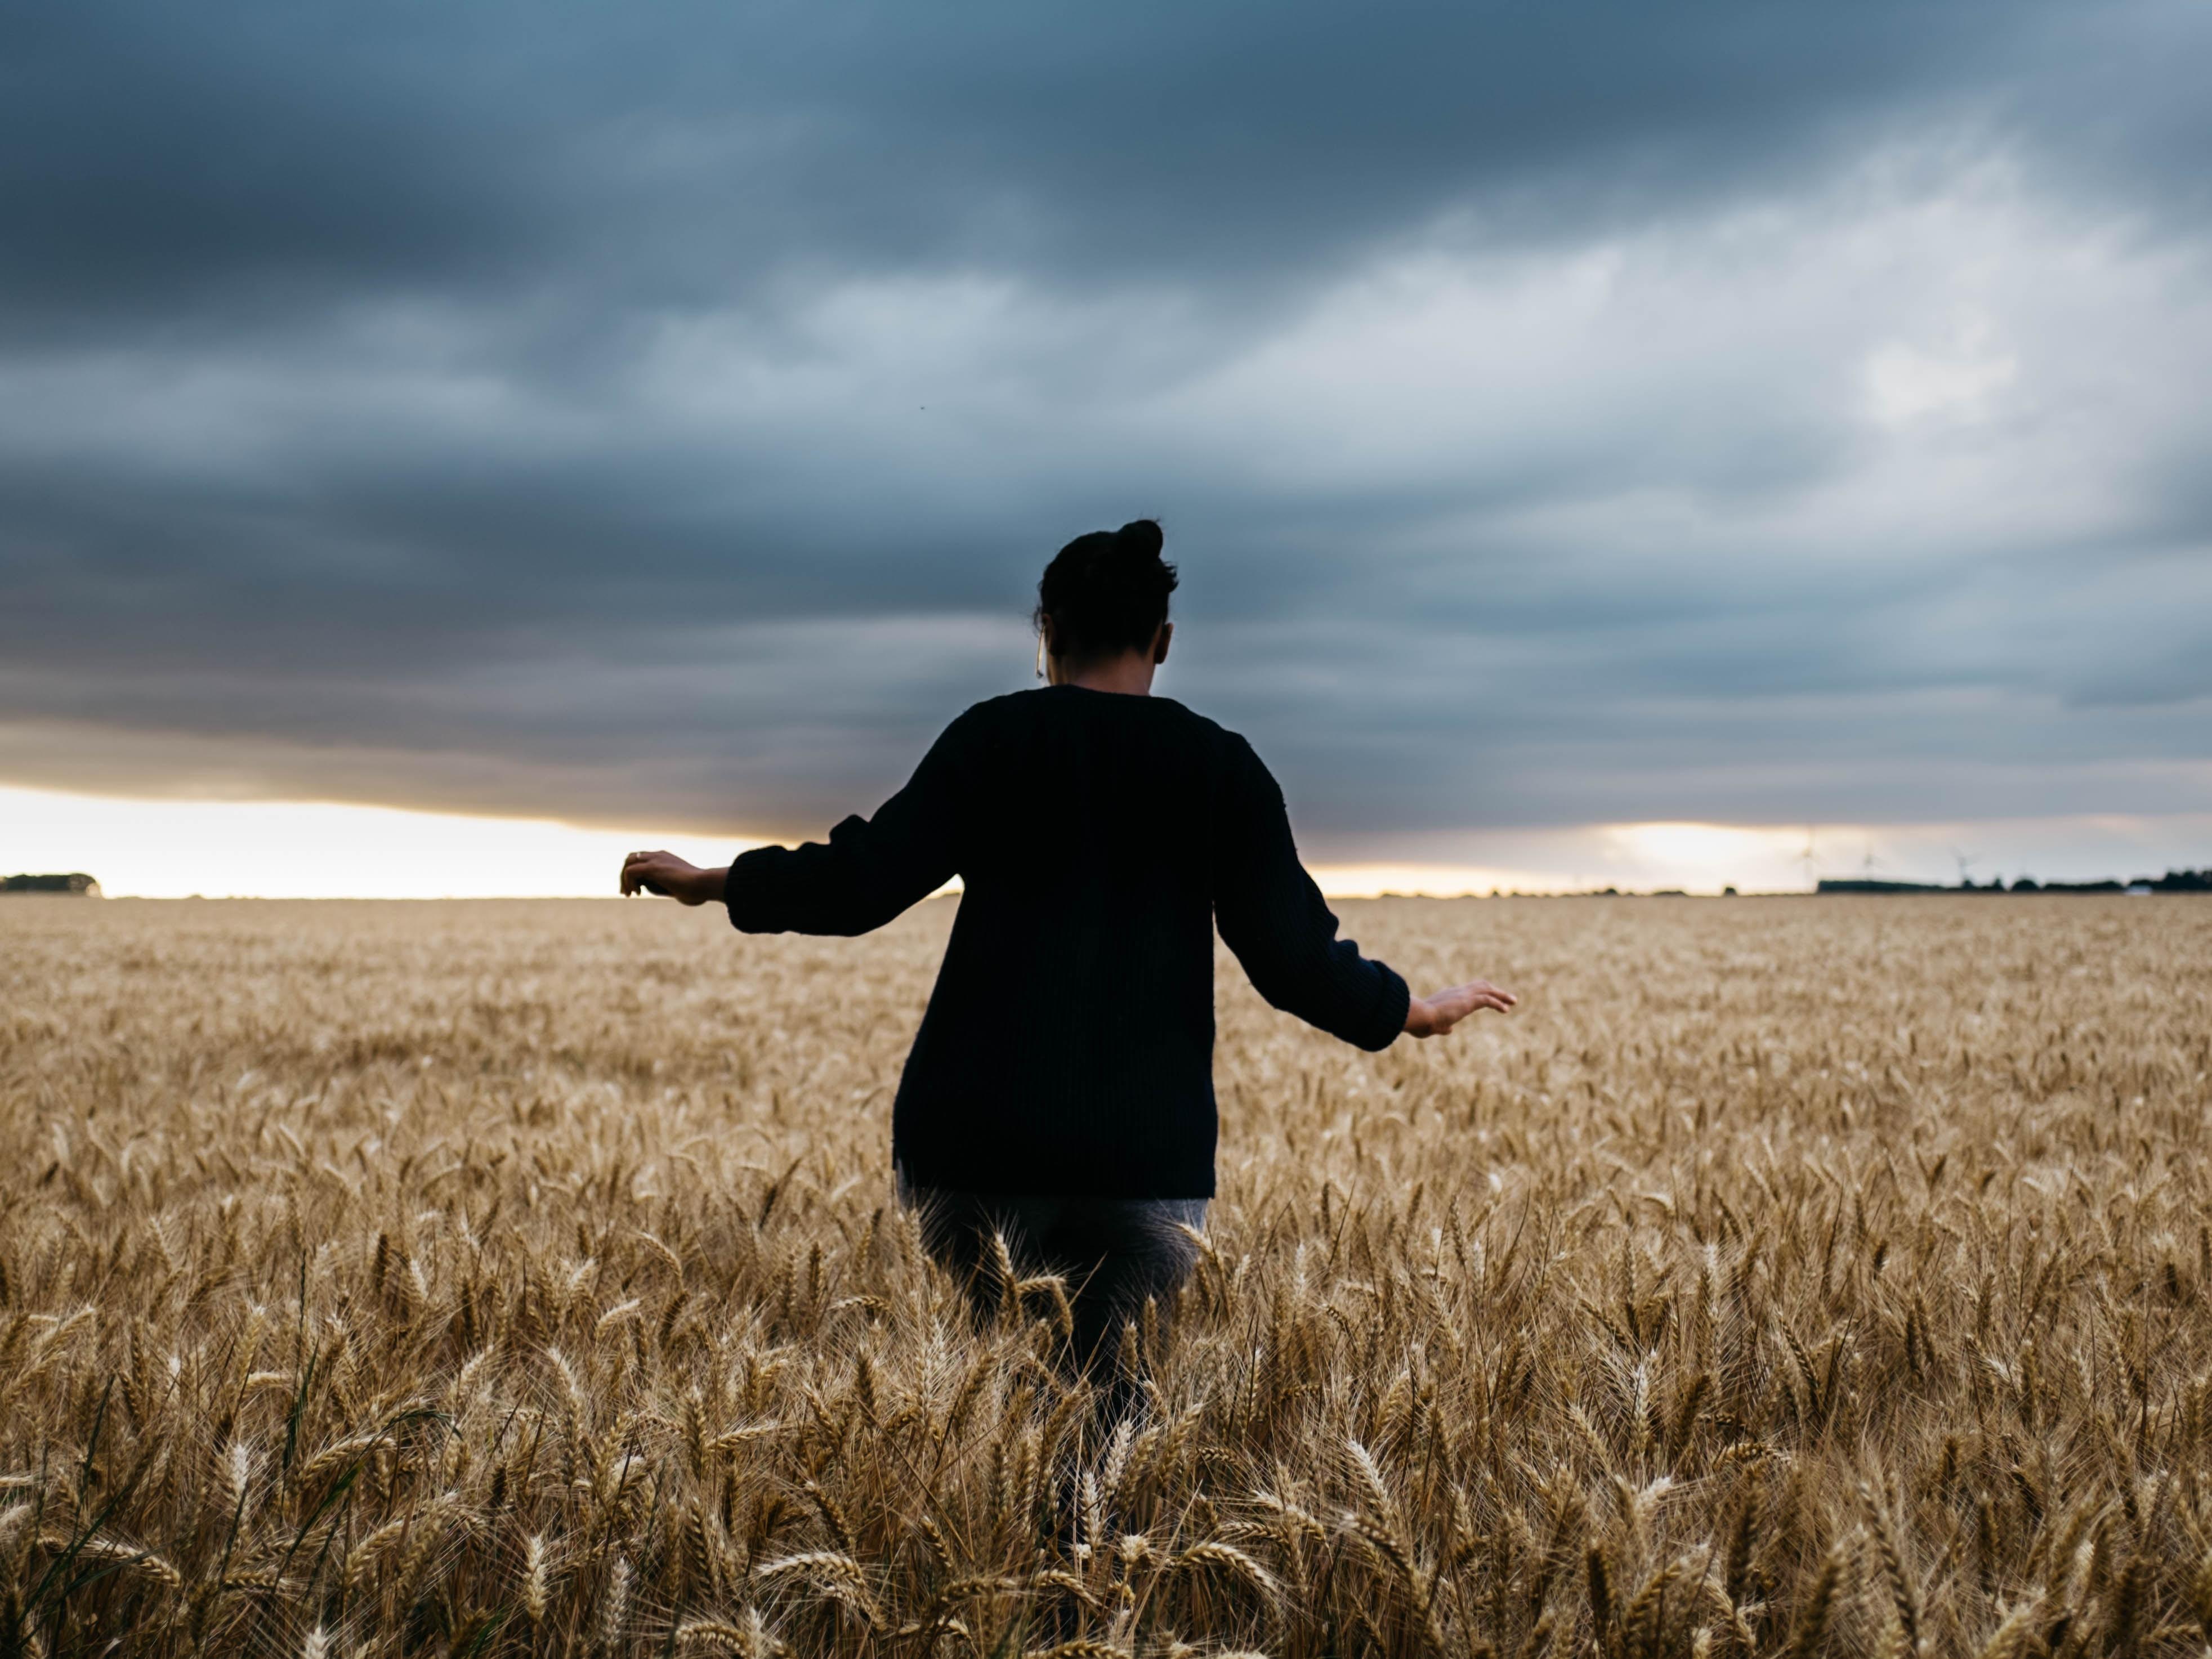 person walking in grass field